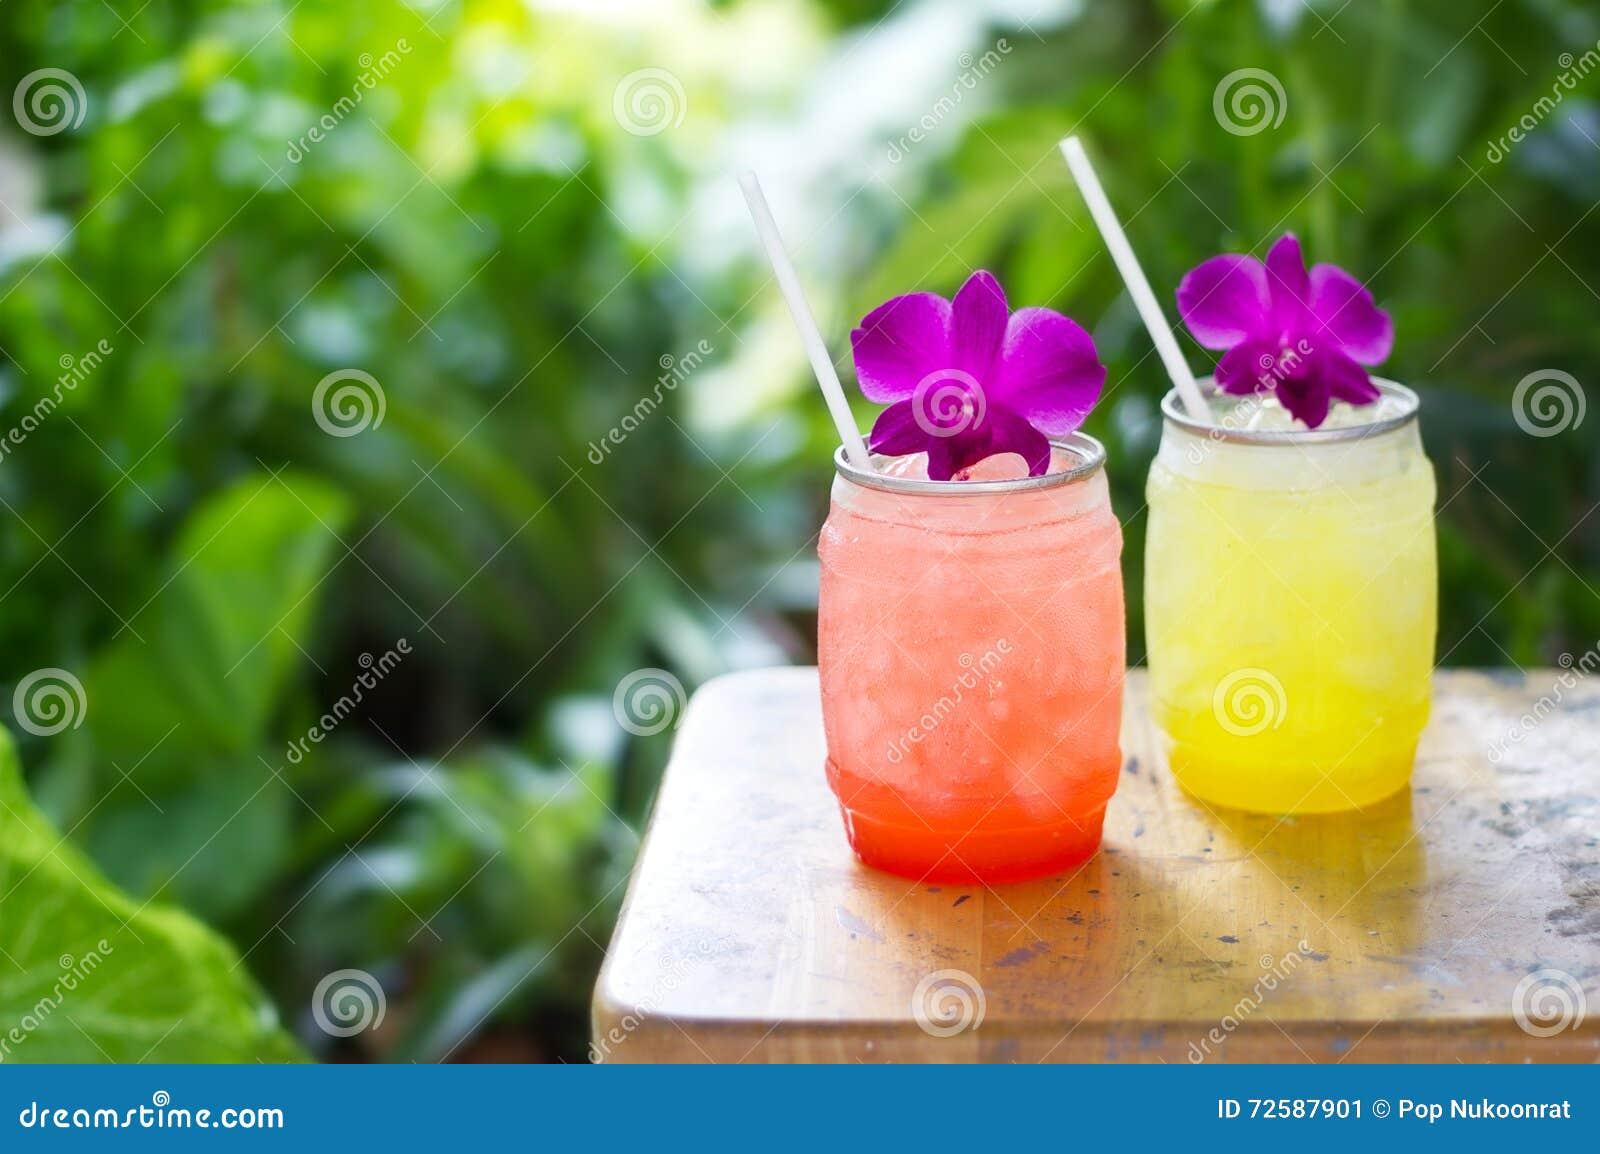 Buntes kühles Getränk im Sommer auf Naturhintergrund